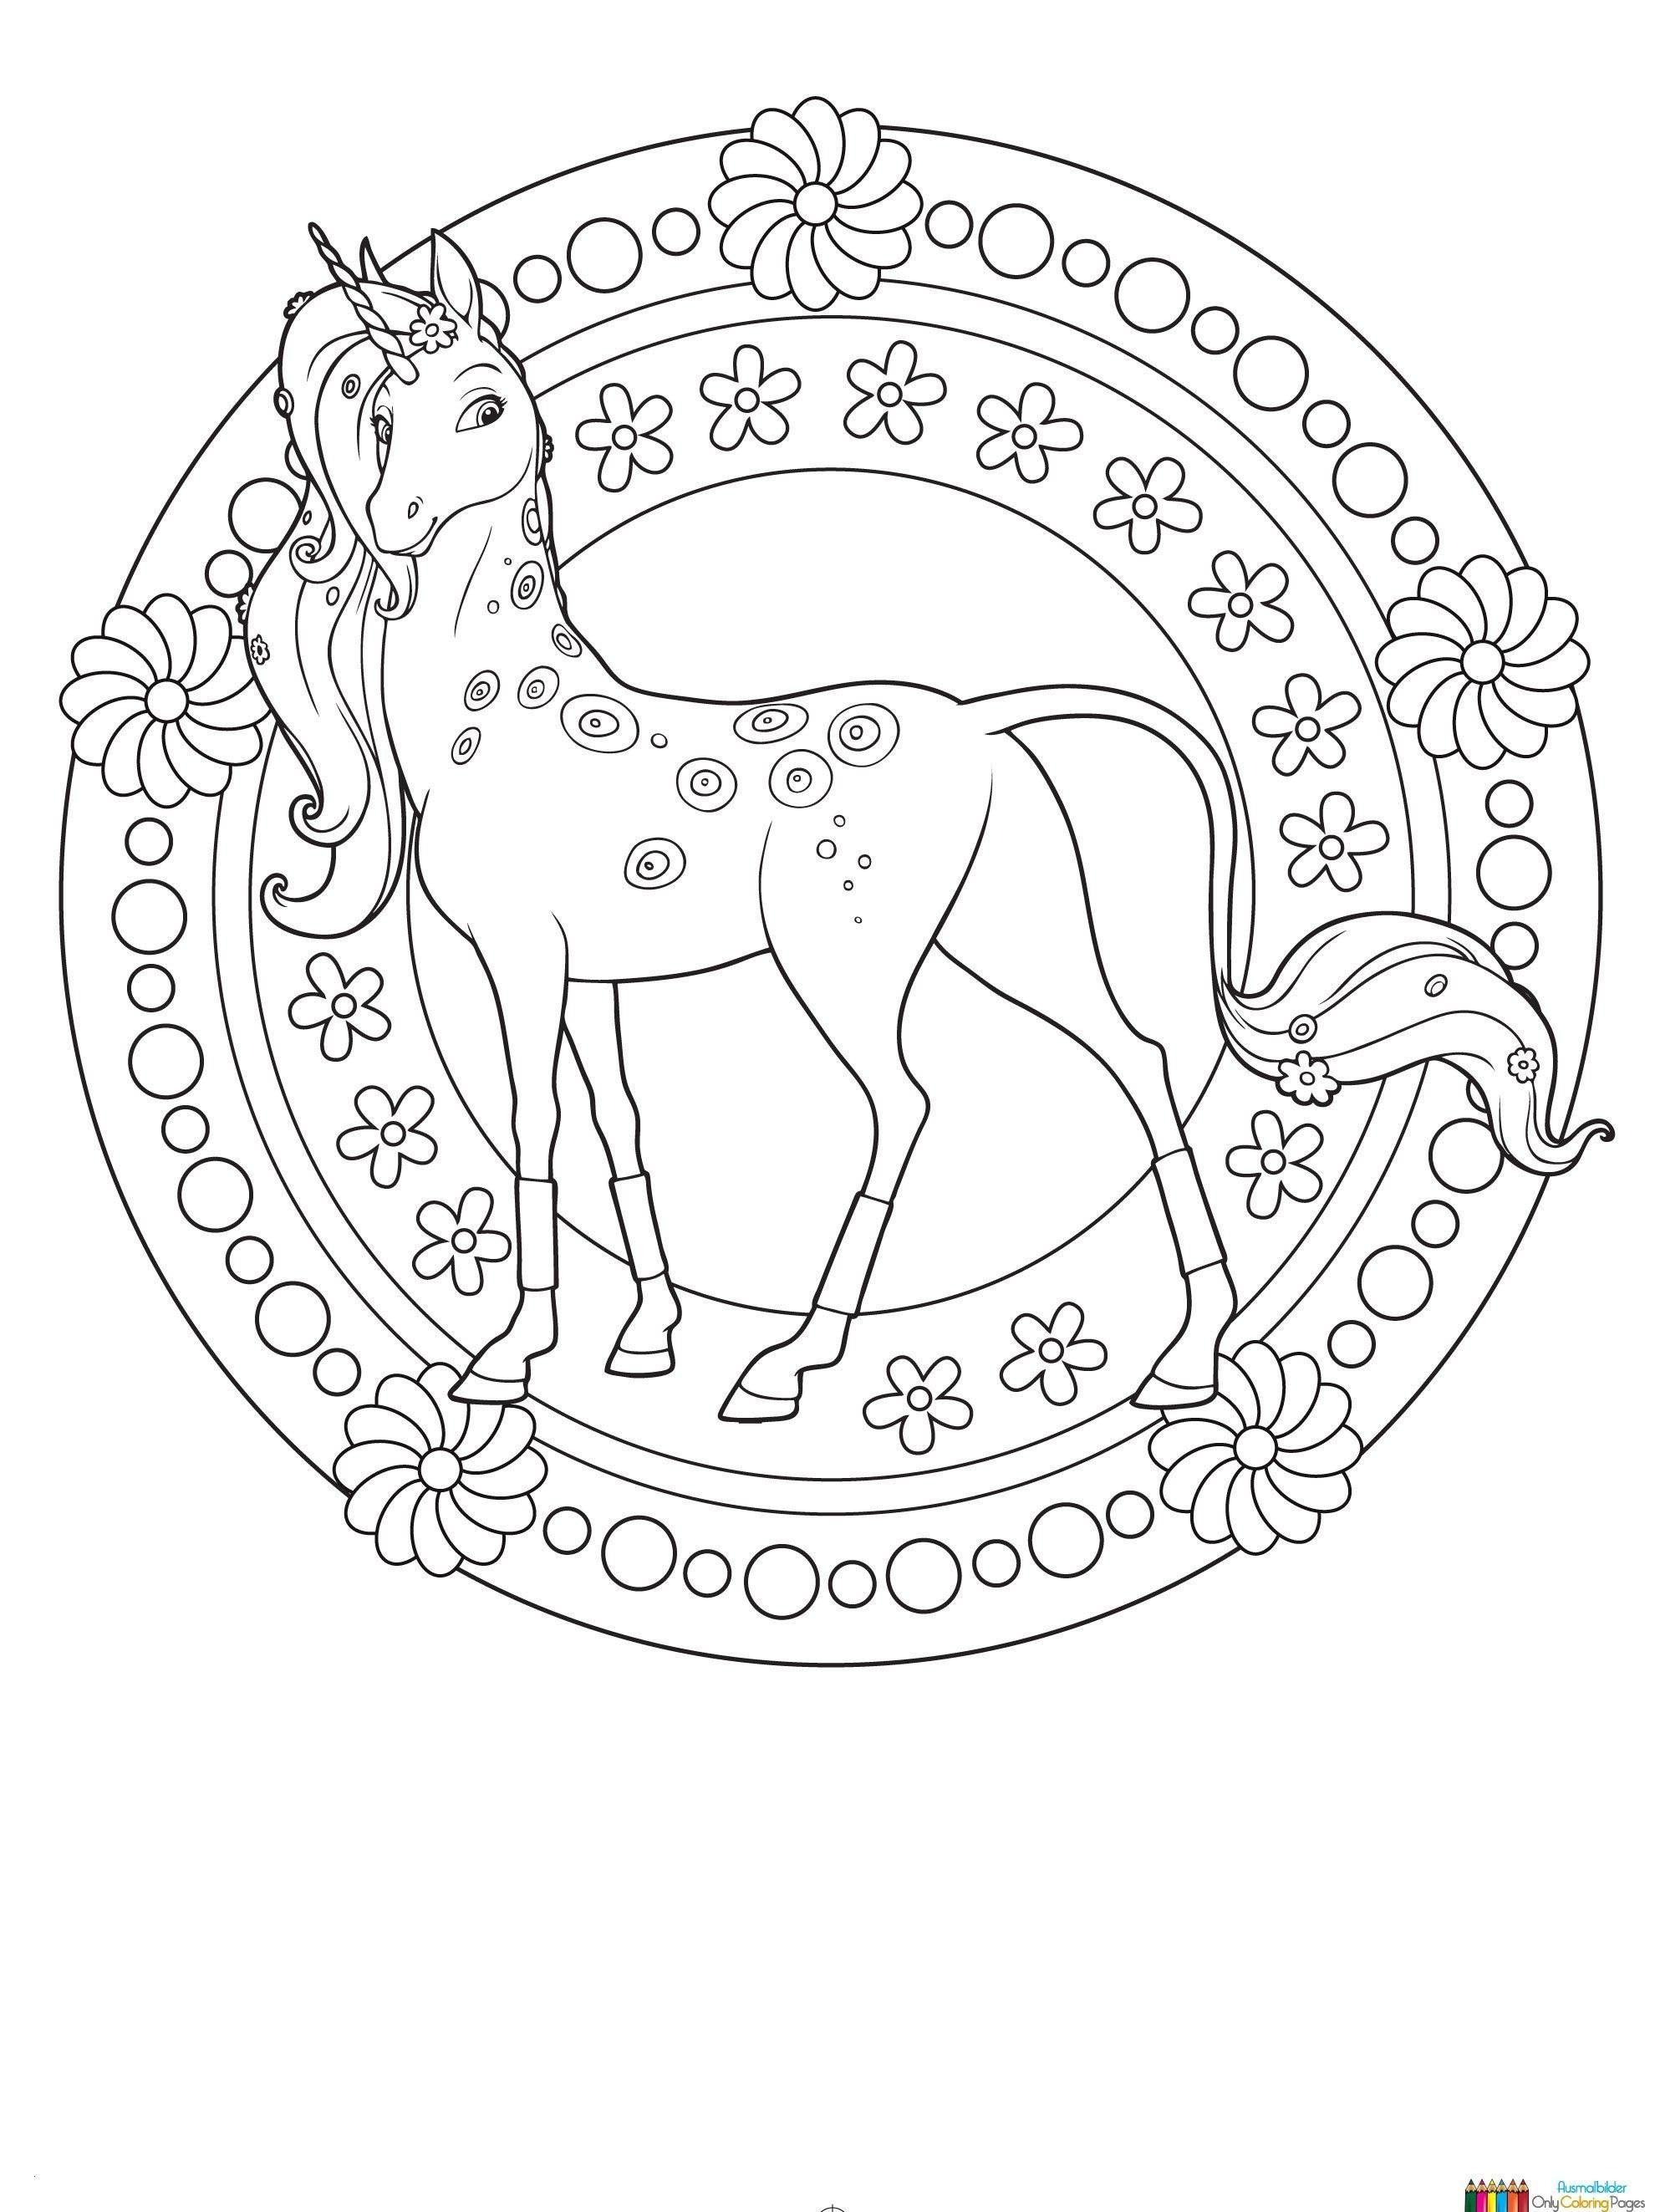 Mandala Zum Ausdrucken Rosen Neu 40 Ausmalbilder Rosen Scoredatscore Genial Ausmalbilder Rosen Sammlung